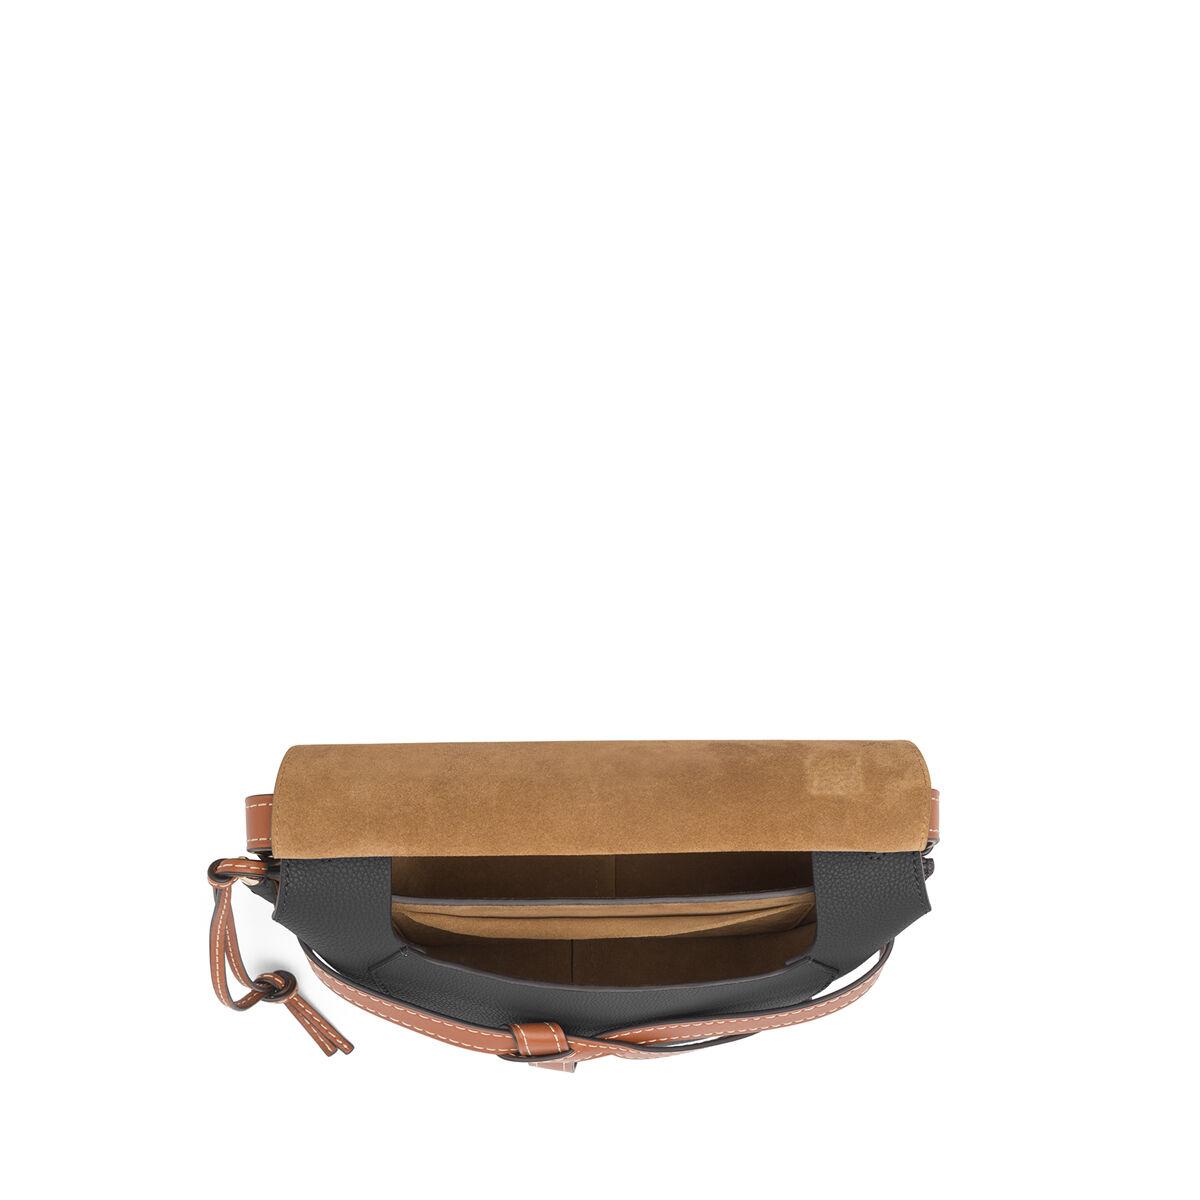 LOEWE Gate Small Bag Black/Pecan Color all